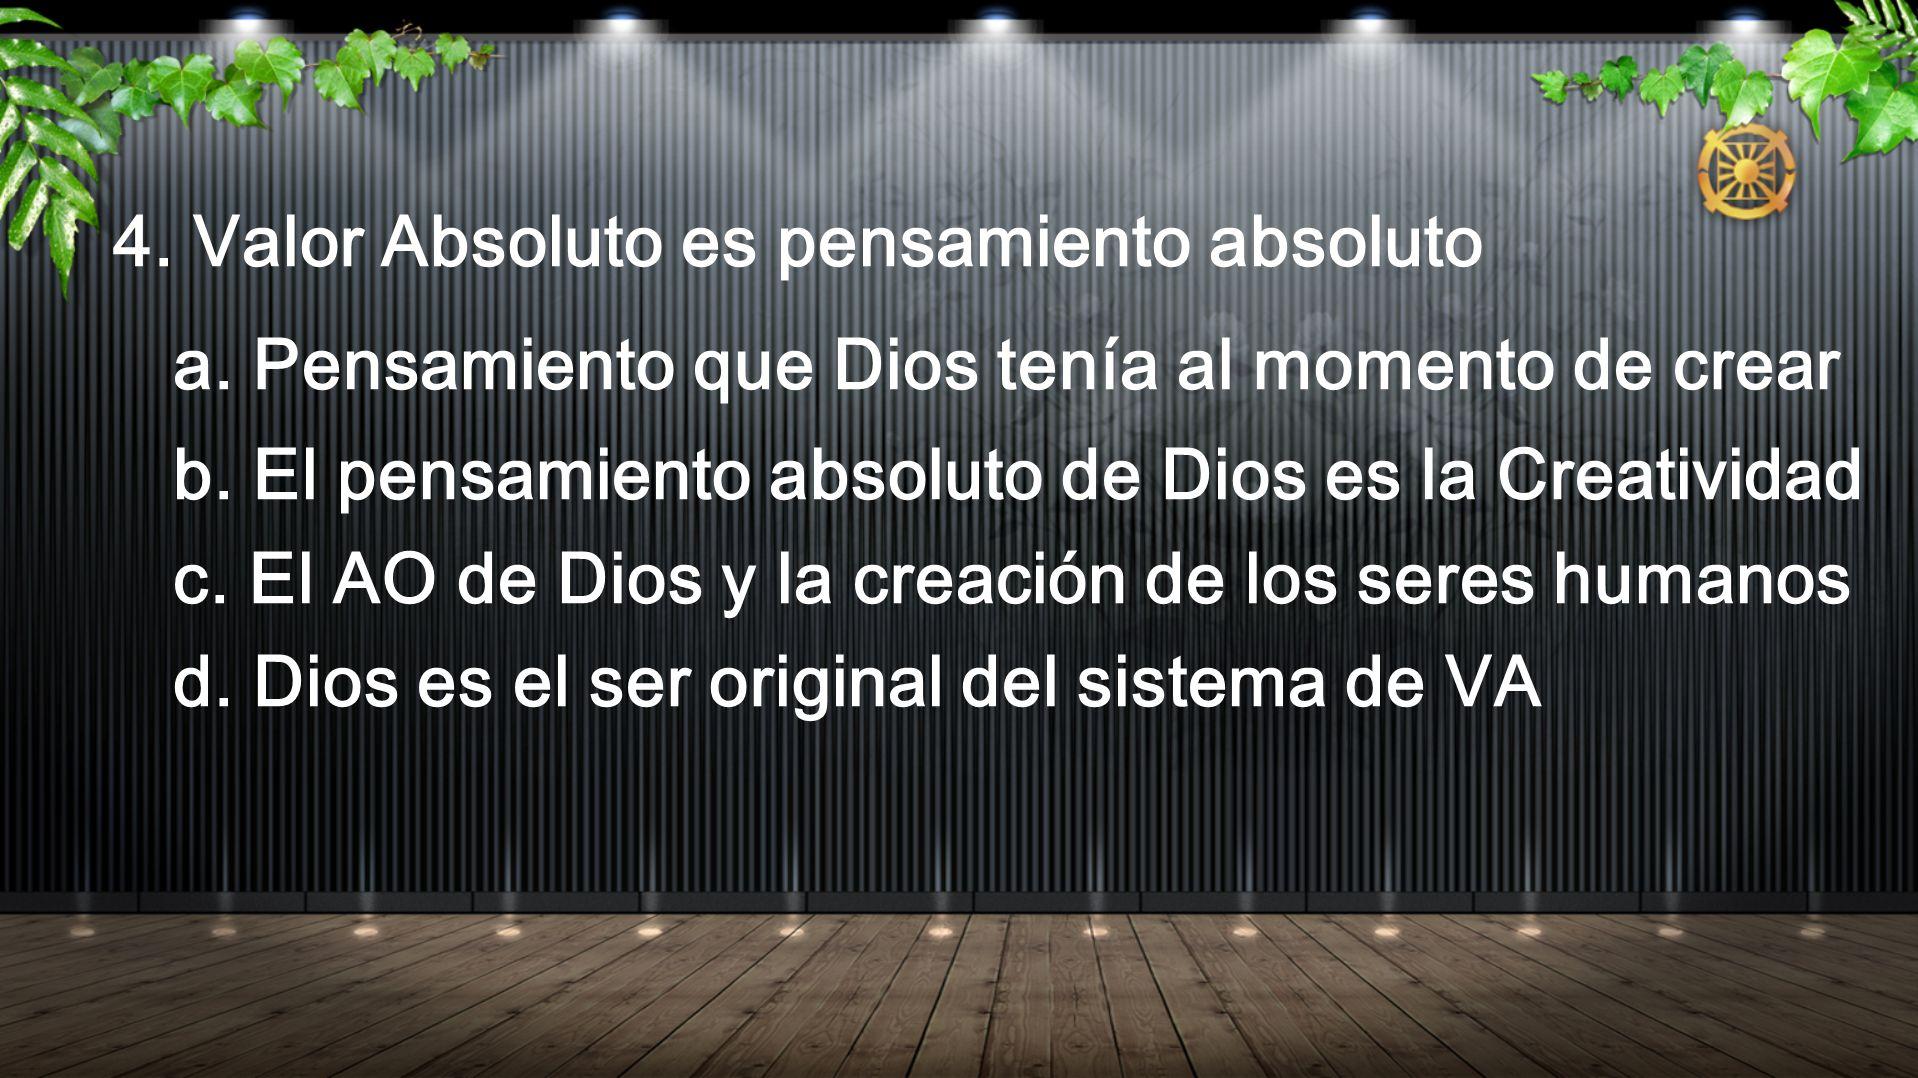 4. Valor Absoluto es pensamiento absoluto a. Pensamiento que Dios tenía al momento de crear b. El pensamiento absoluto de Dios es la Creatividad c. El